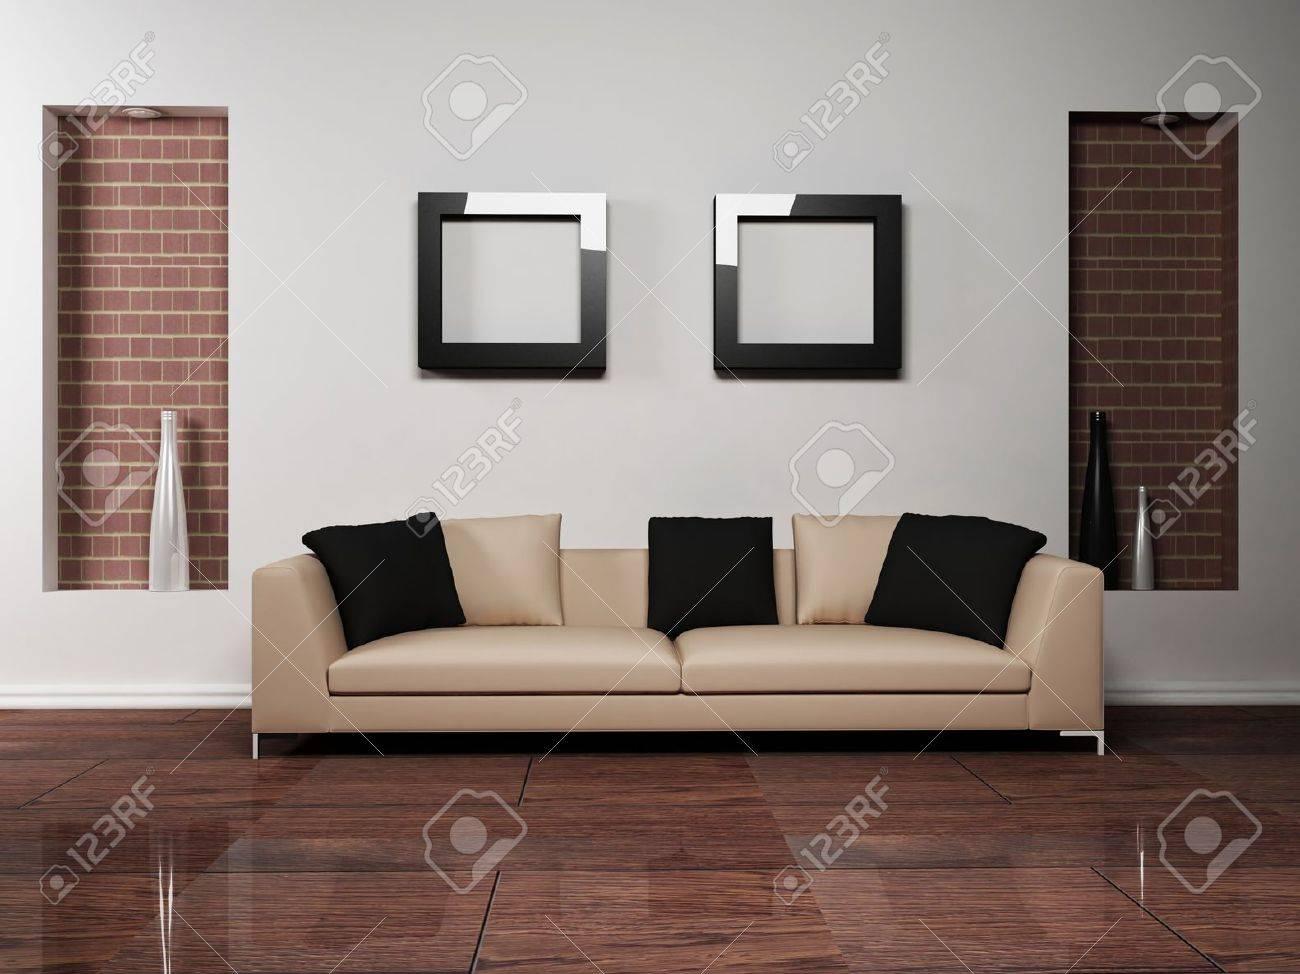 divano davanti porta finestra ~ forum arredamento.it u2022progetto ... - Divano Davanti Finestra